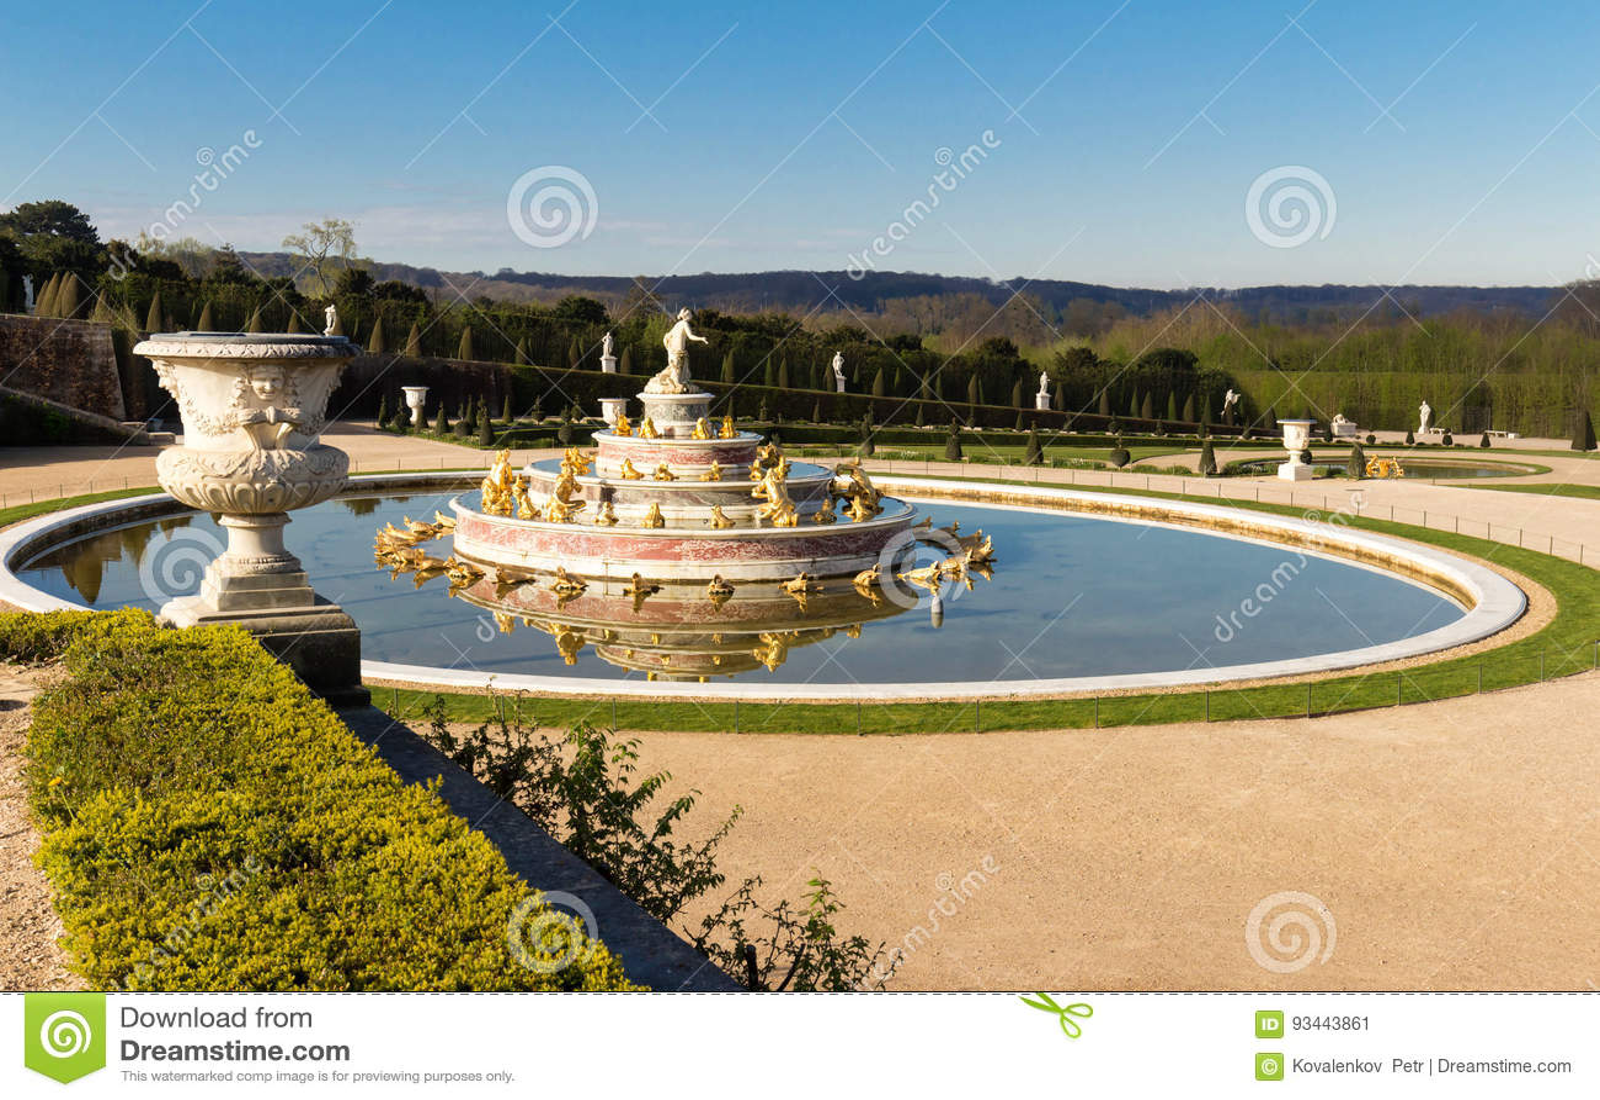 Foto i giardini della reggia di versailles a parigi